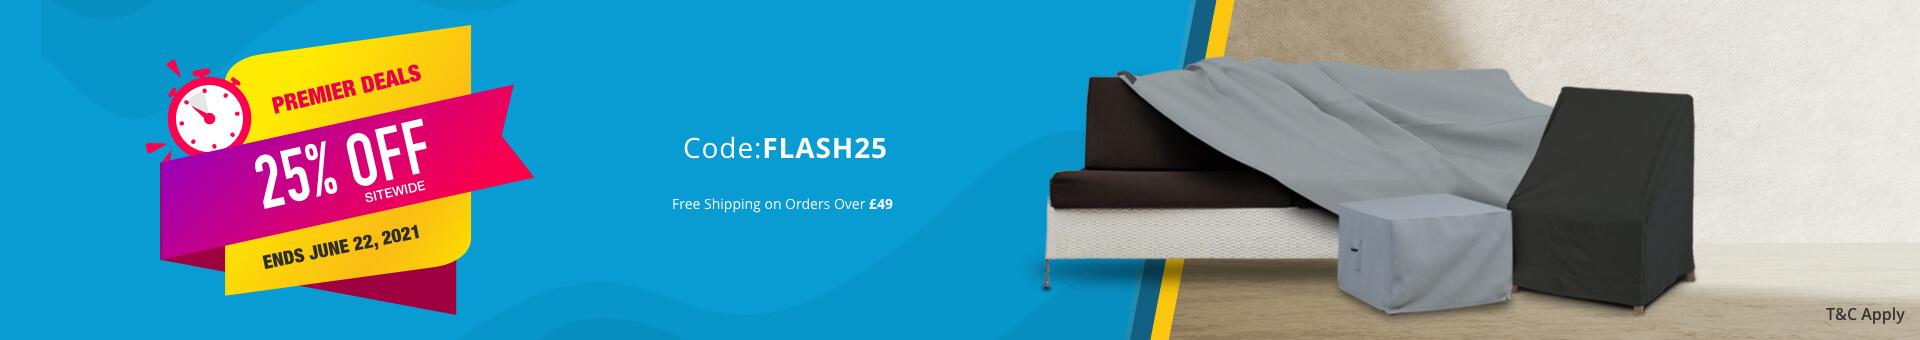 Premier Flash deals